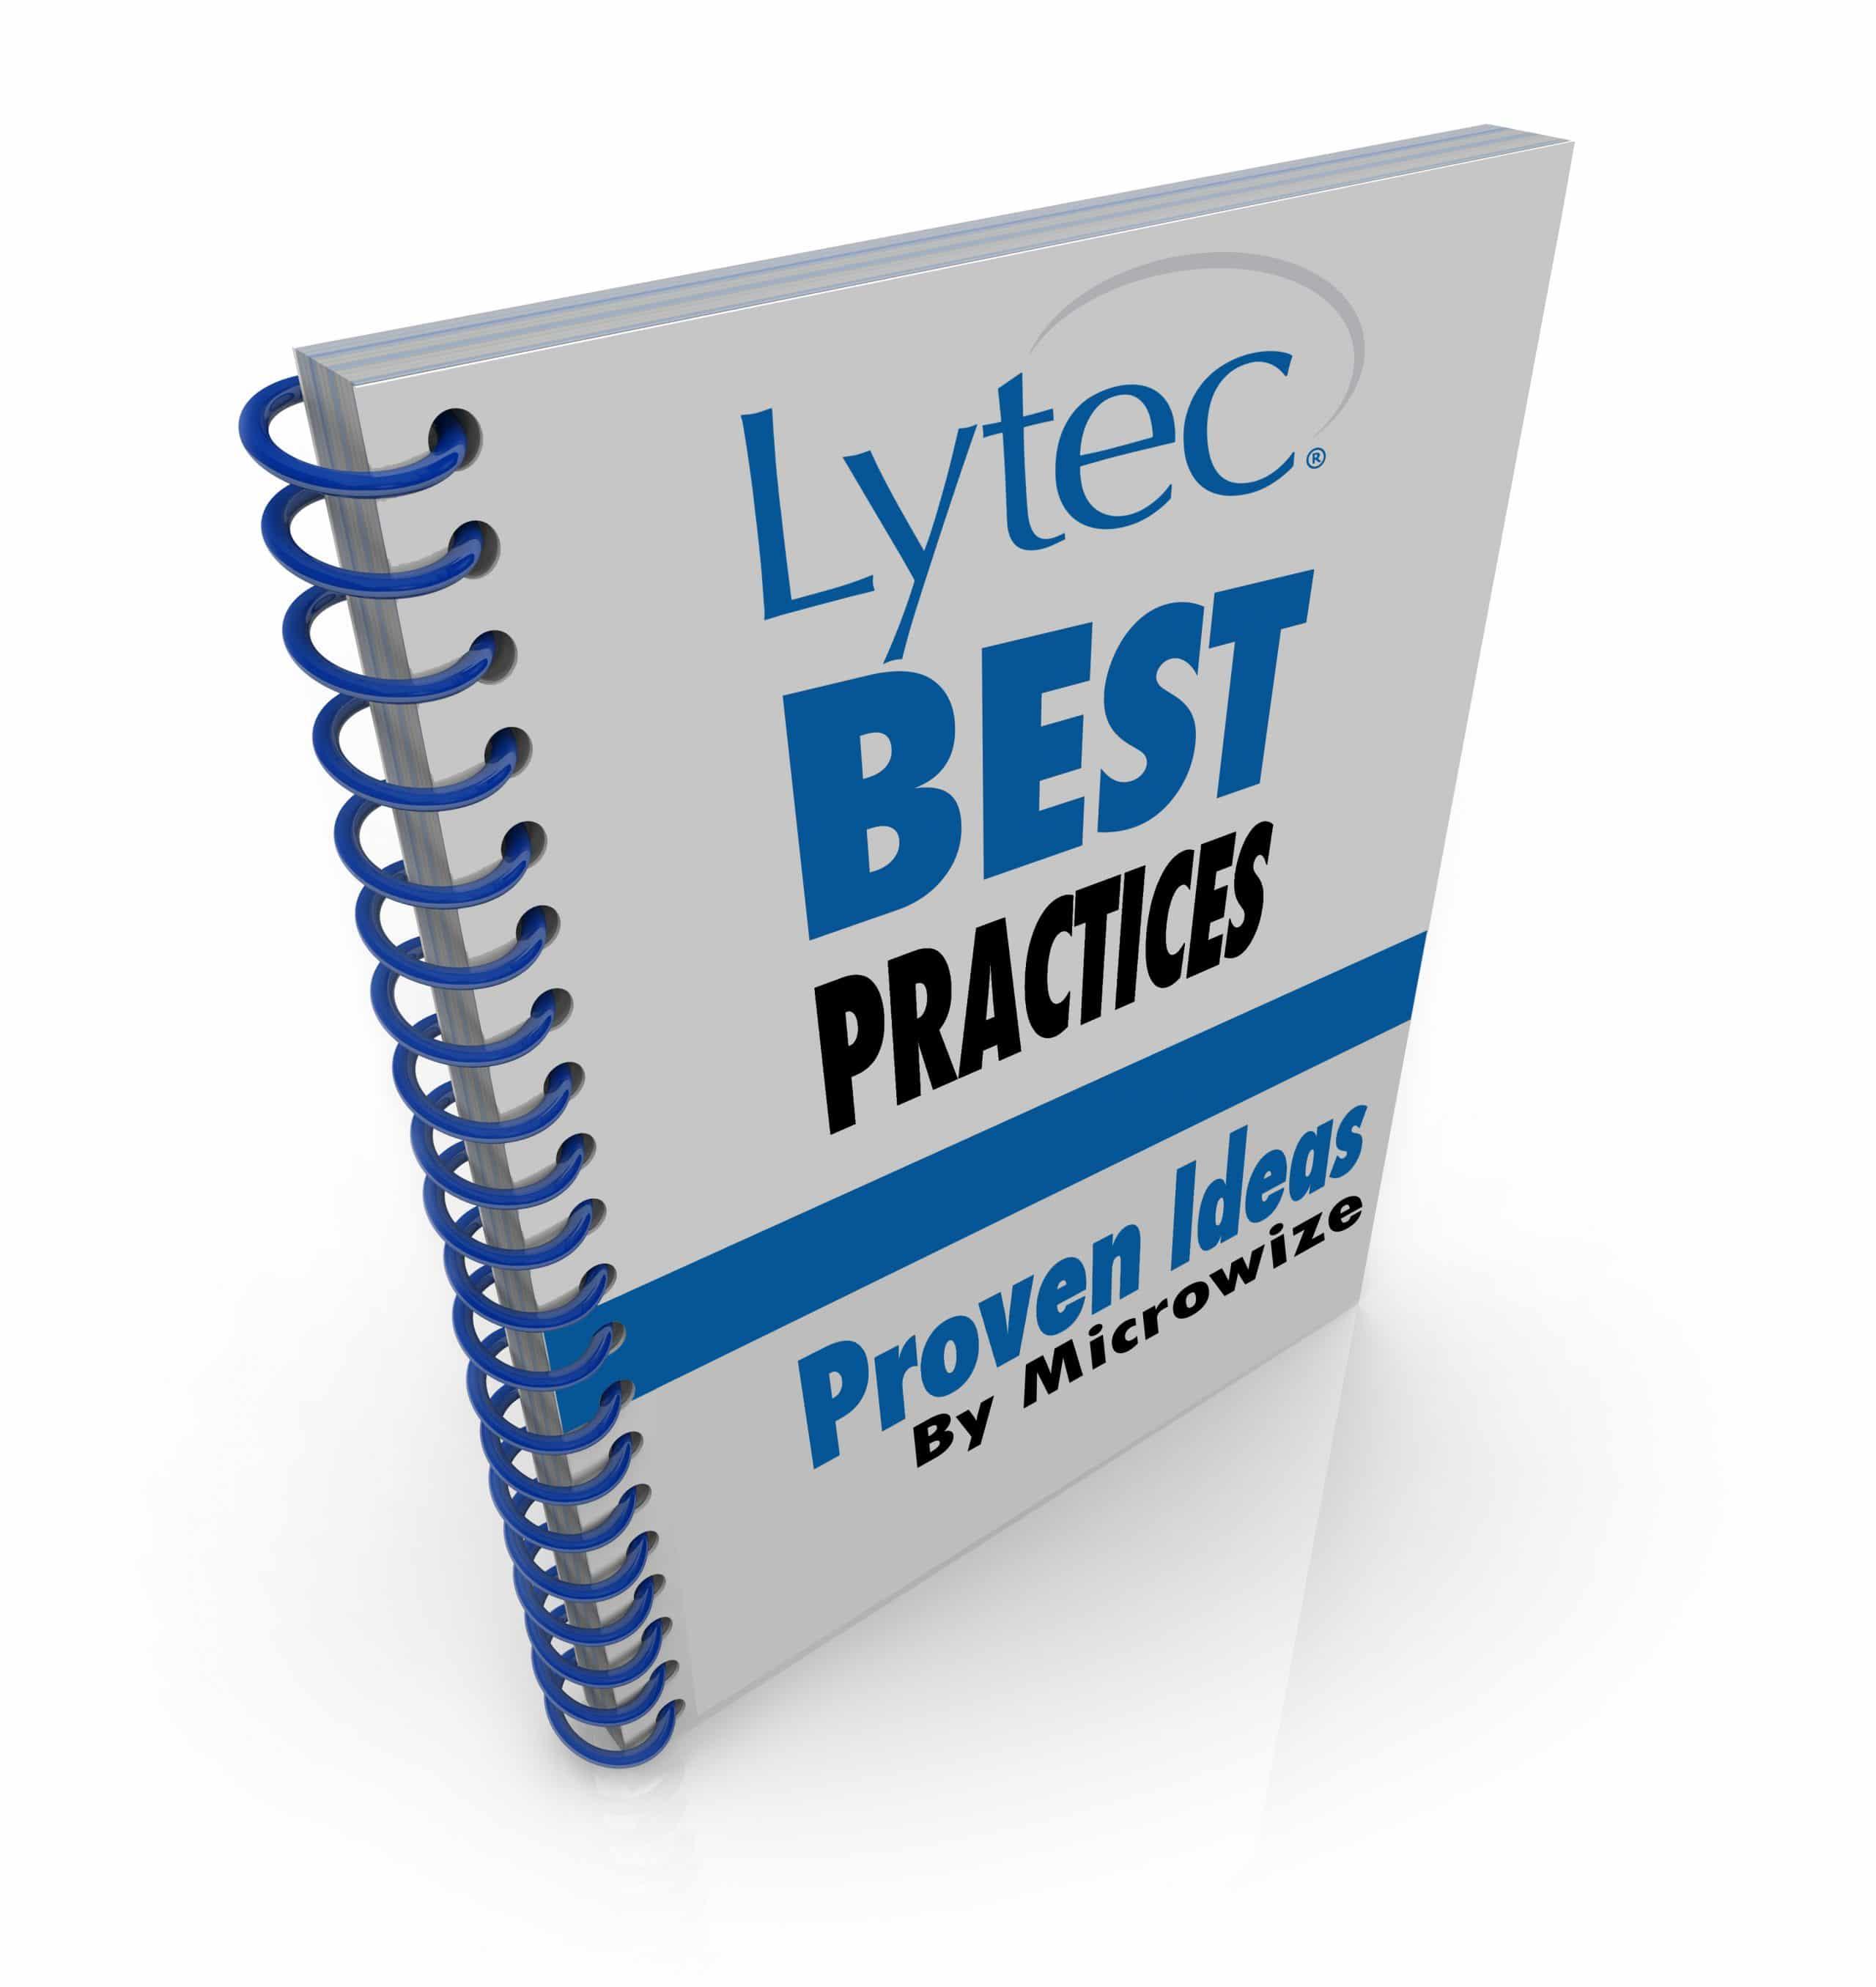 lytec tips & tricks